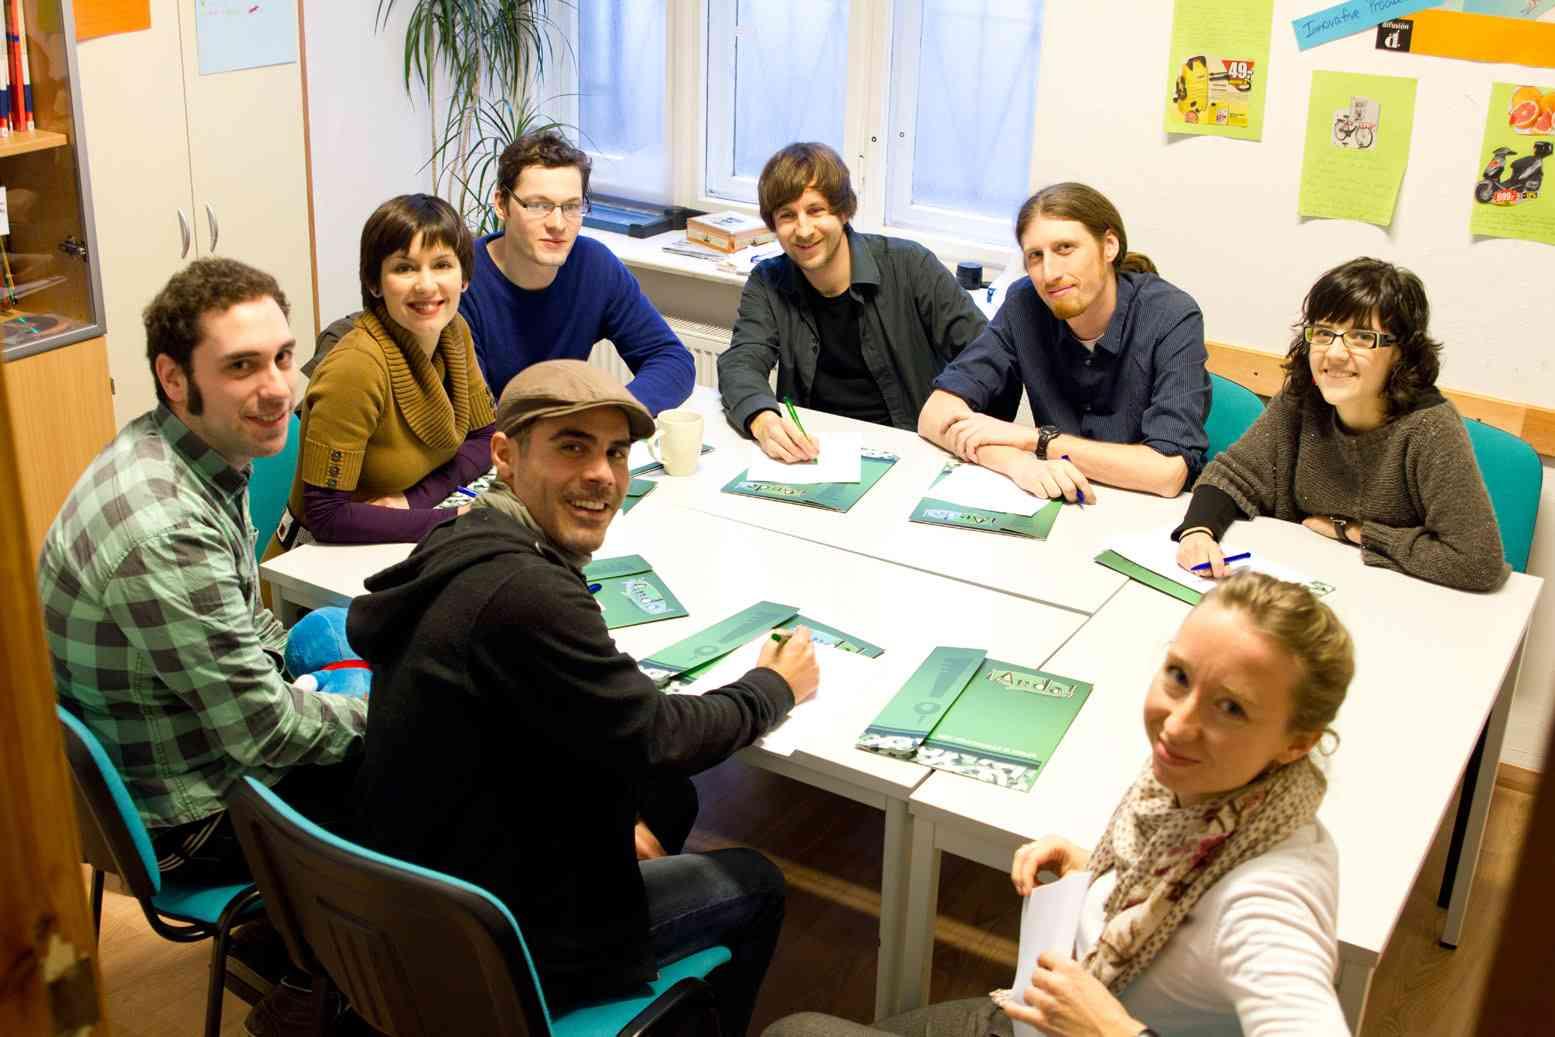 ab - équipe d'enseignants à l'école de langue Anda-Sprachschule Berlin